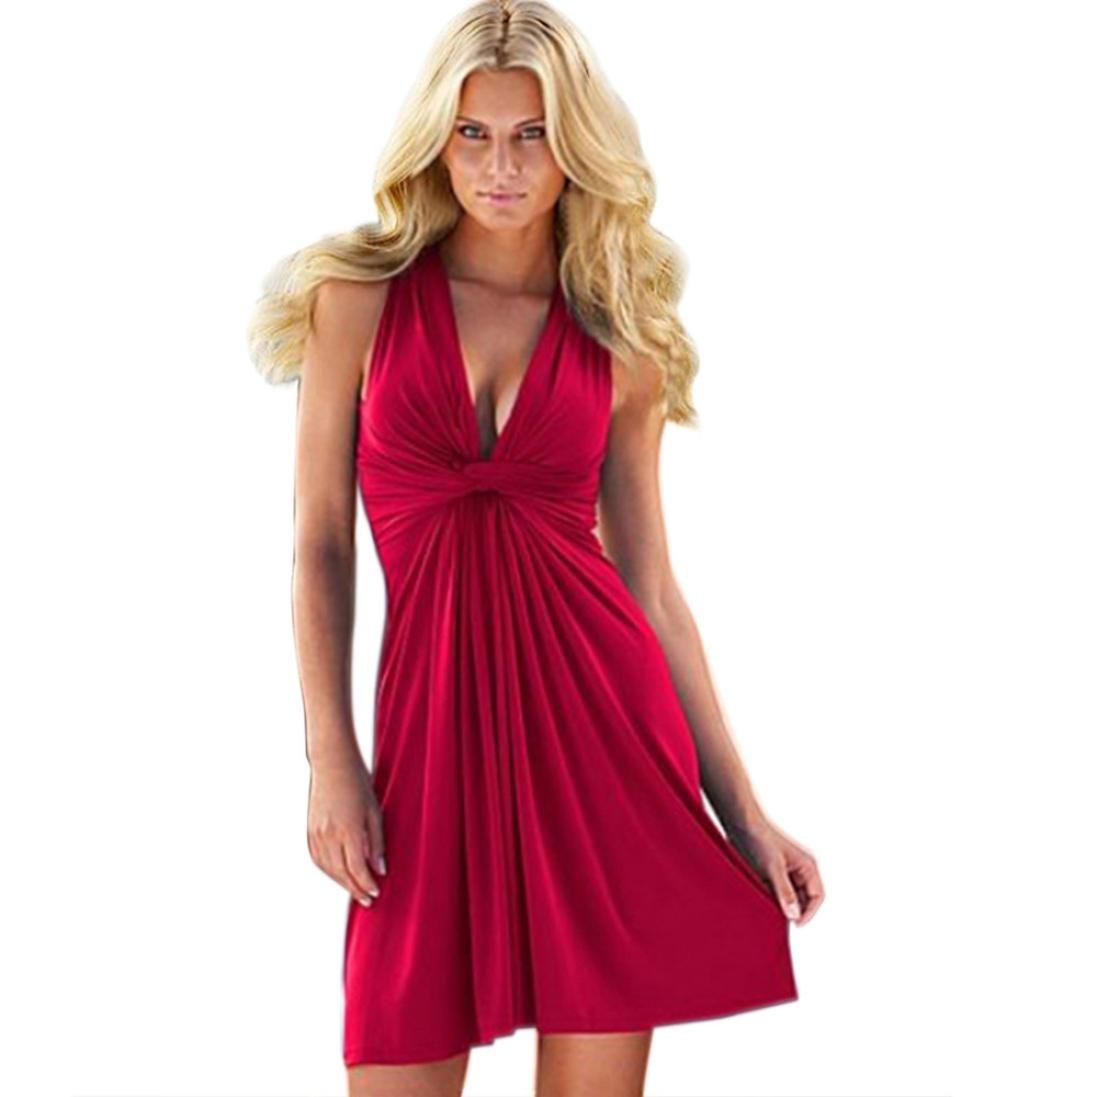 FAMILIZO -Vestidos Midi Vestido Corto, Rectos Mujer Verano Vestidos Sin Tirantes Vestidos Rectos Mujer Fiesta Cortos Vestidos Encorsetado Vestidos Sin ...